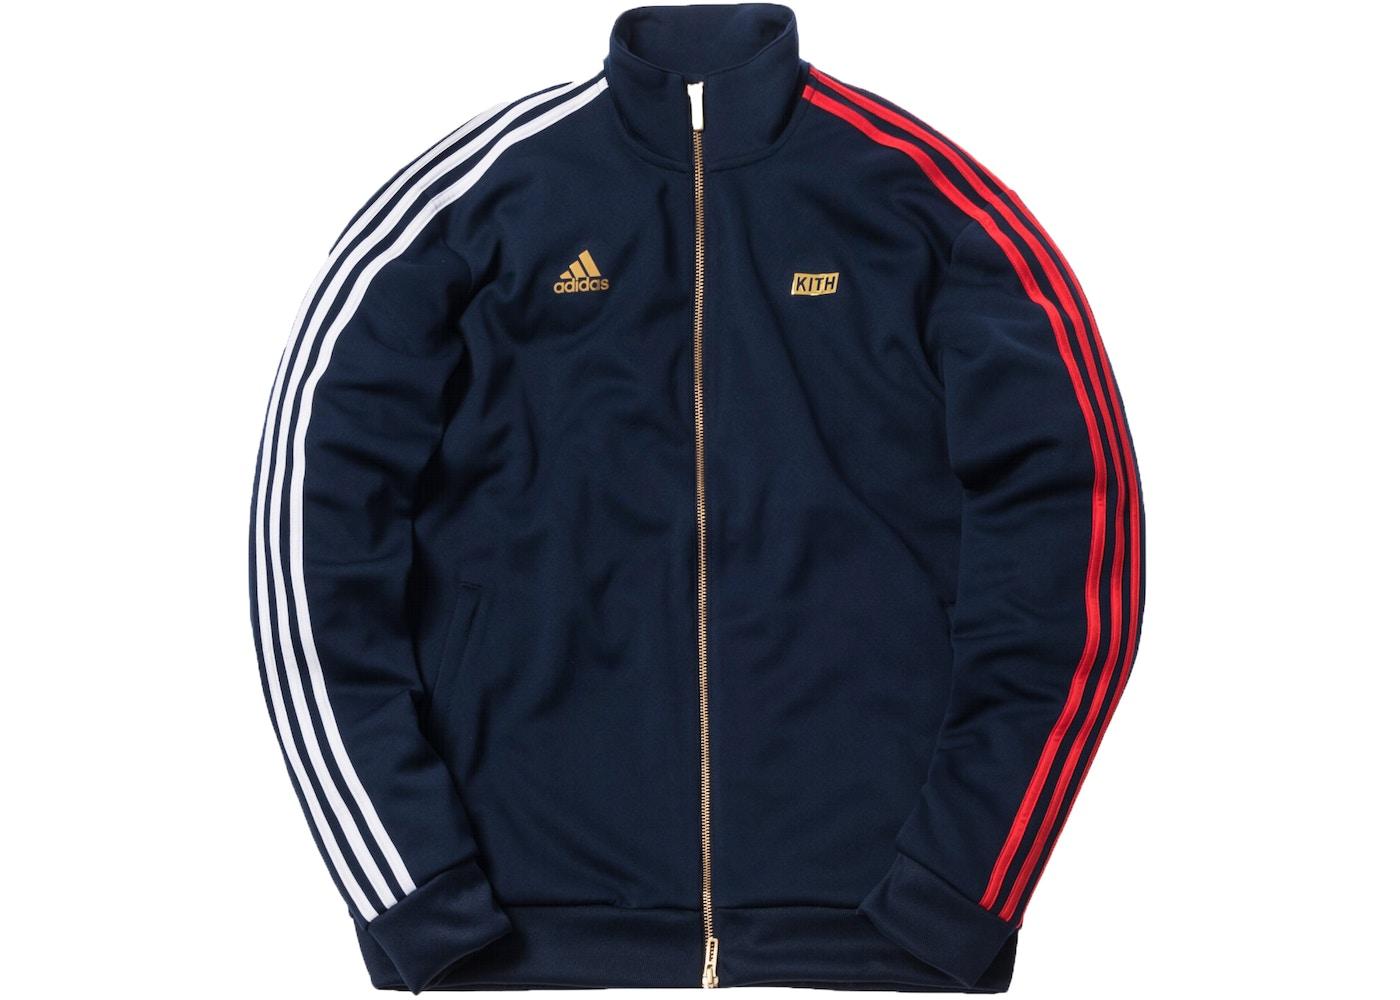 Kith x adidas 3-Stripes Track Jacket Navy - SS18 a7621e8586fd